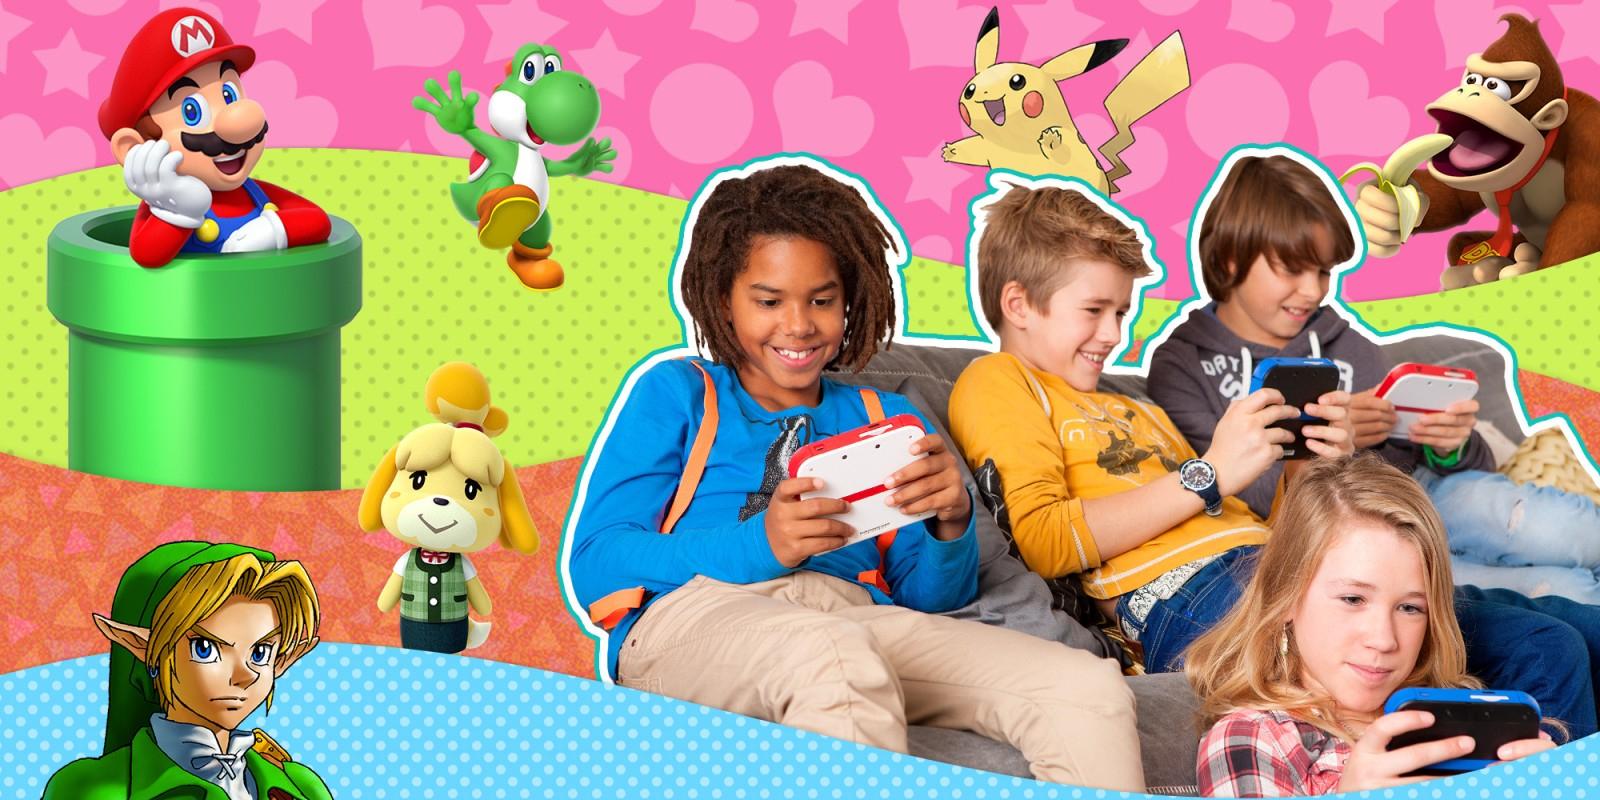 Jeux Nintendo Pour Les Enfants | Nintendo concernant Jeux Enfant 3 Ans Gratuit